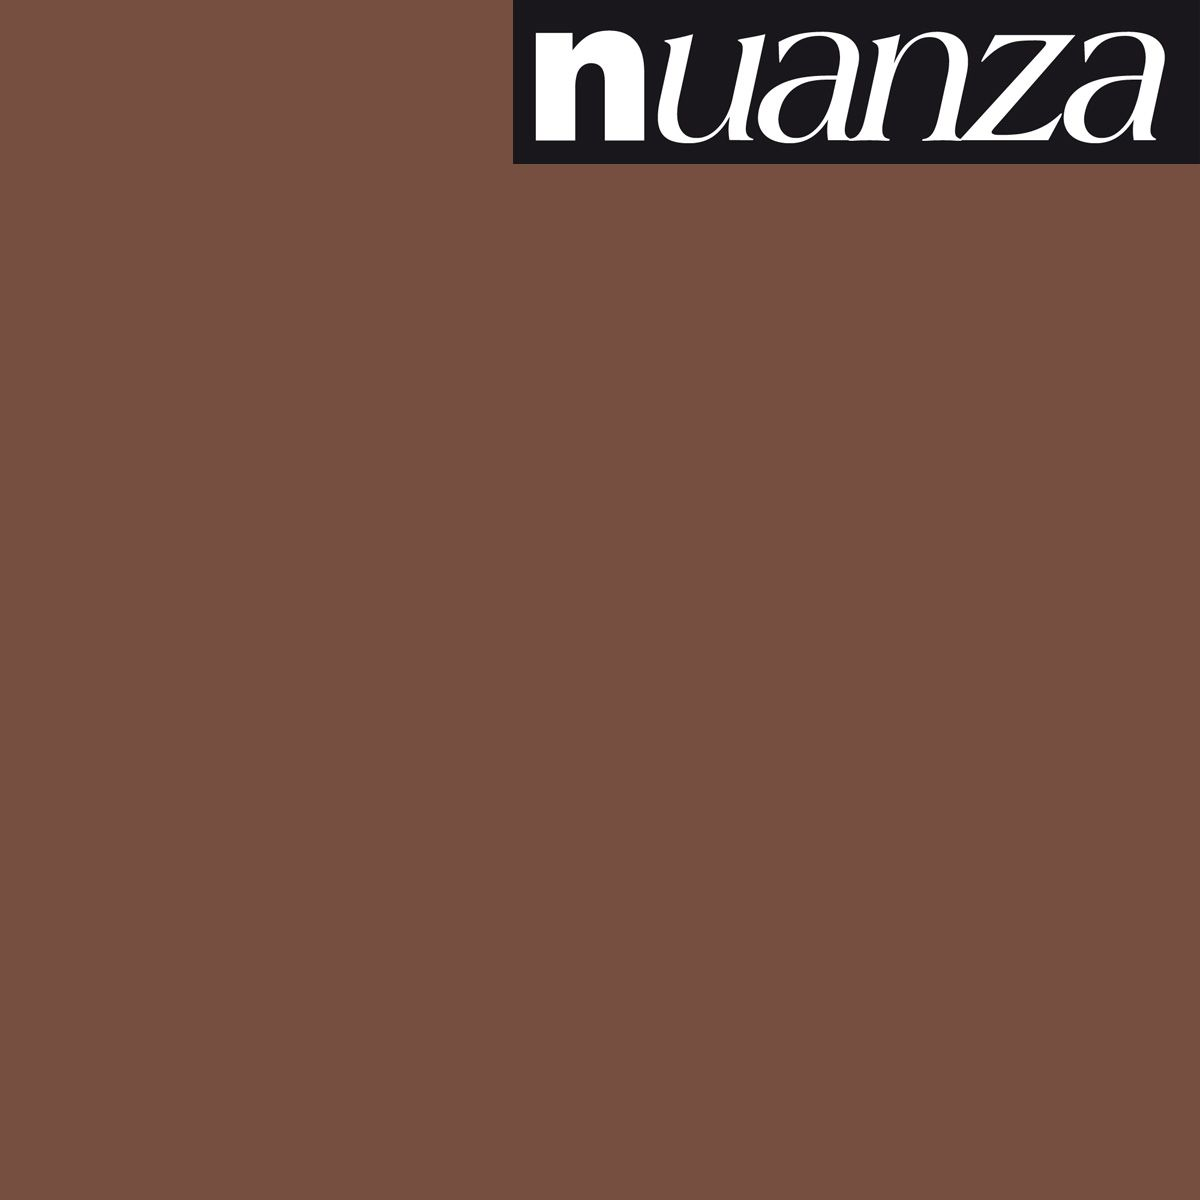 Peinture Nuanza satin monocouche chataigne 2.5l